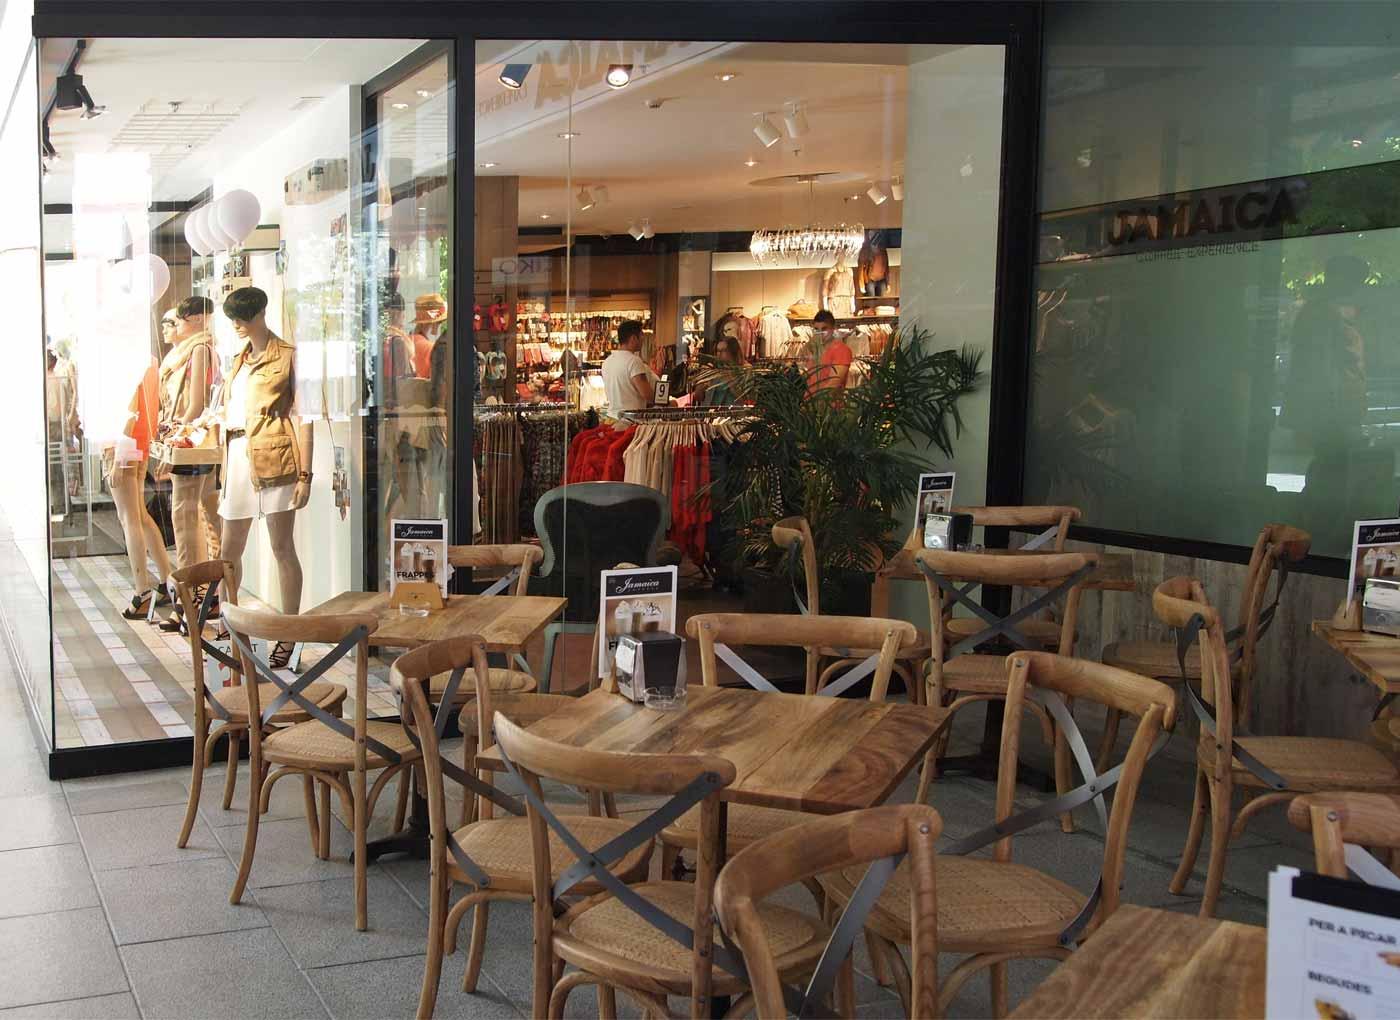 Imágenes de las sillas vintage en la terraza de la cafetería Jamaica Coffee